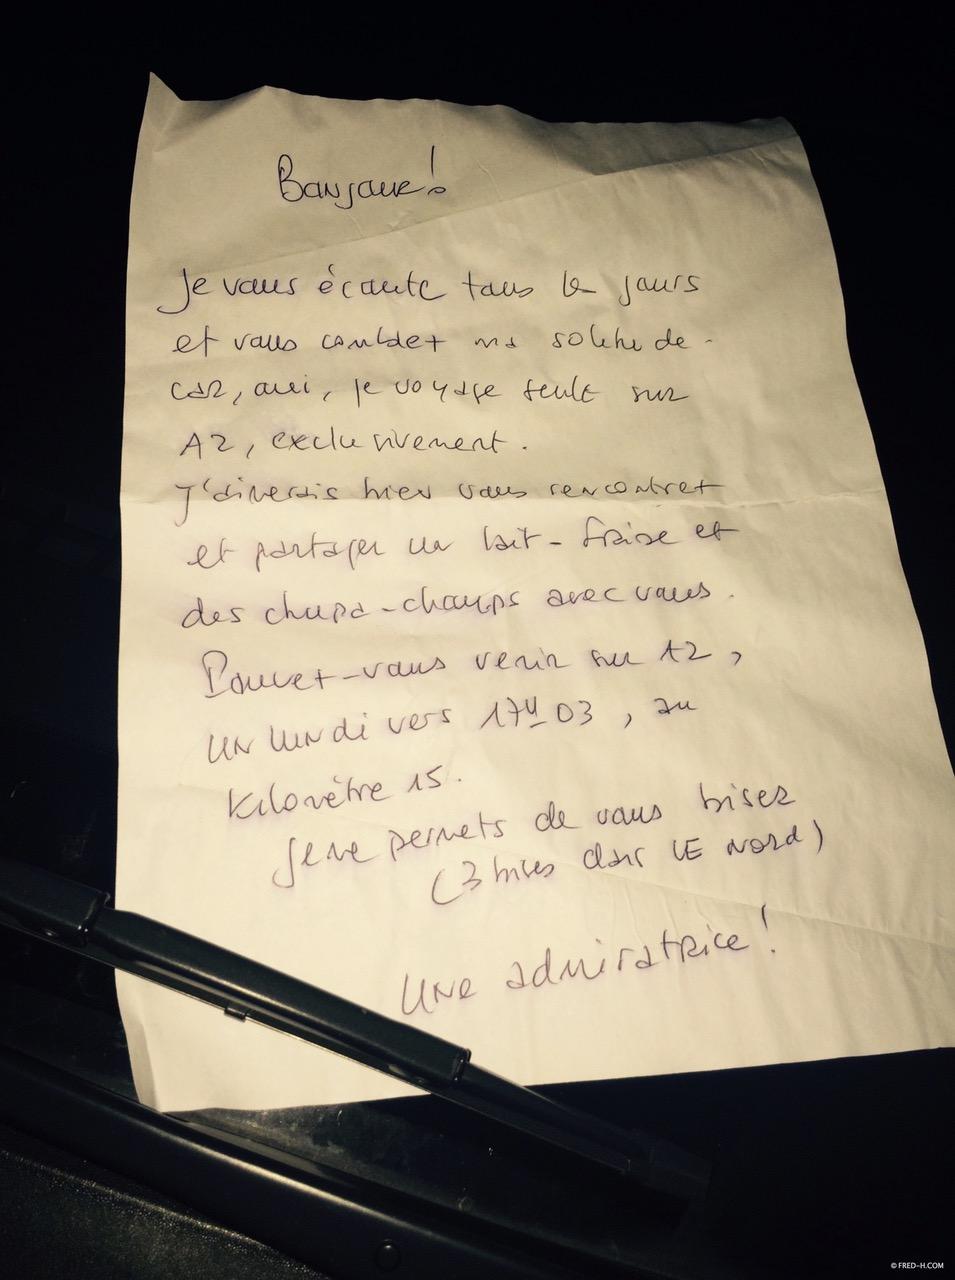 Le courrier des fans - Mes collègues rigolos - Philippe Sage